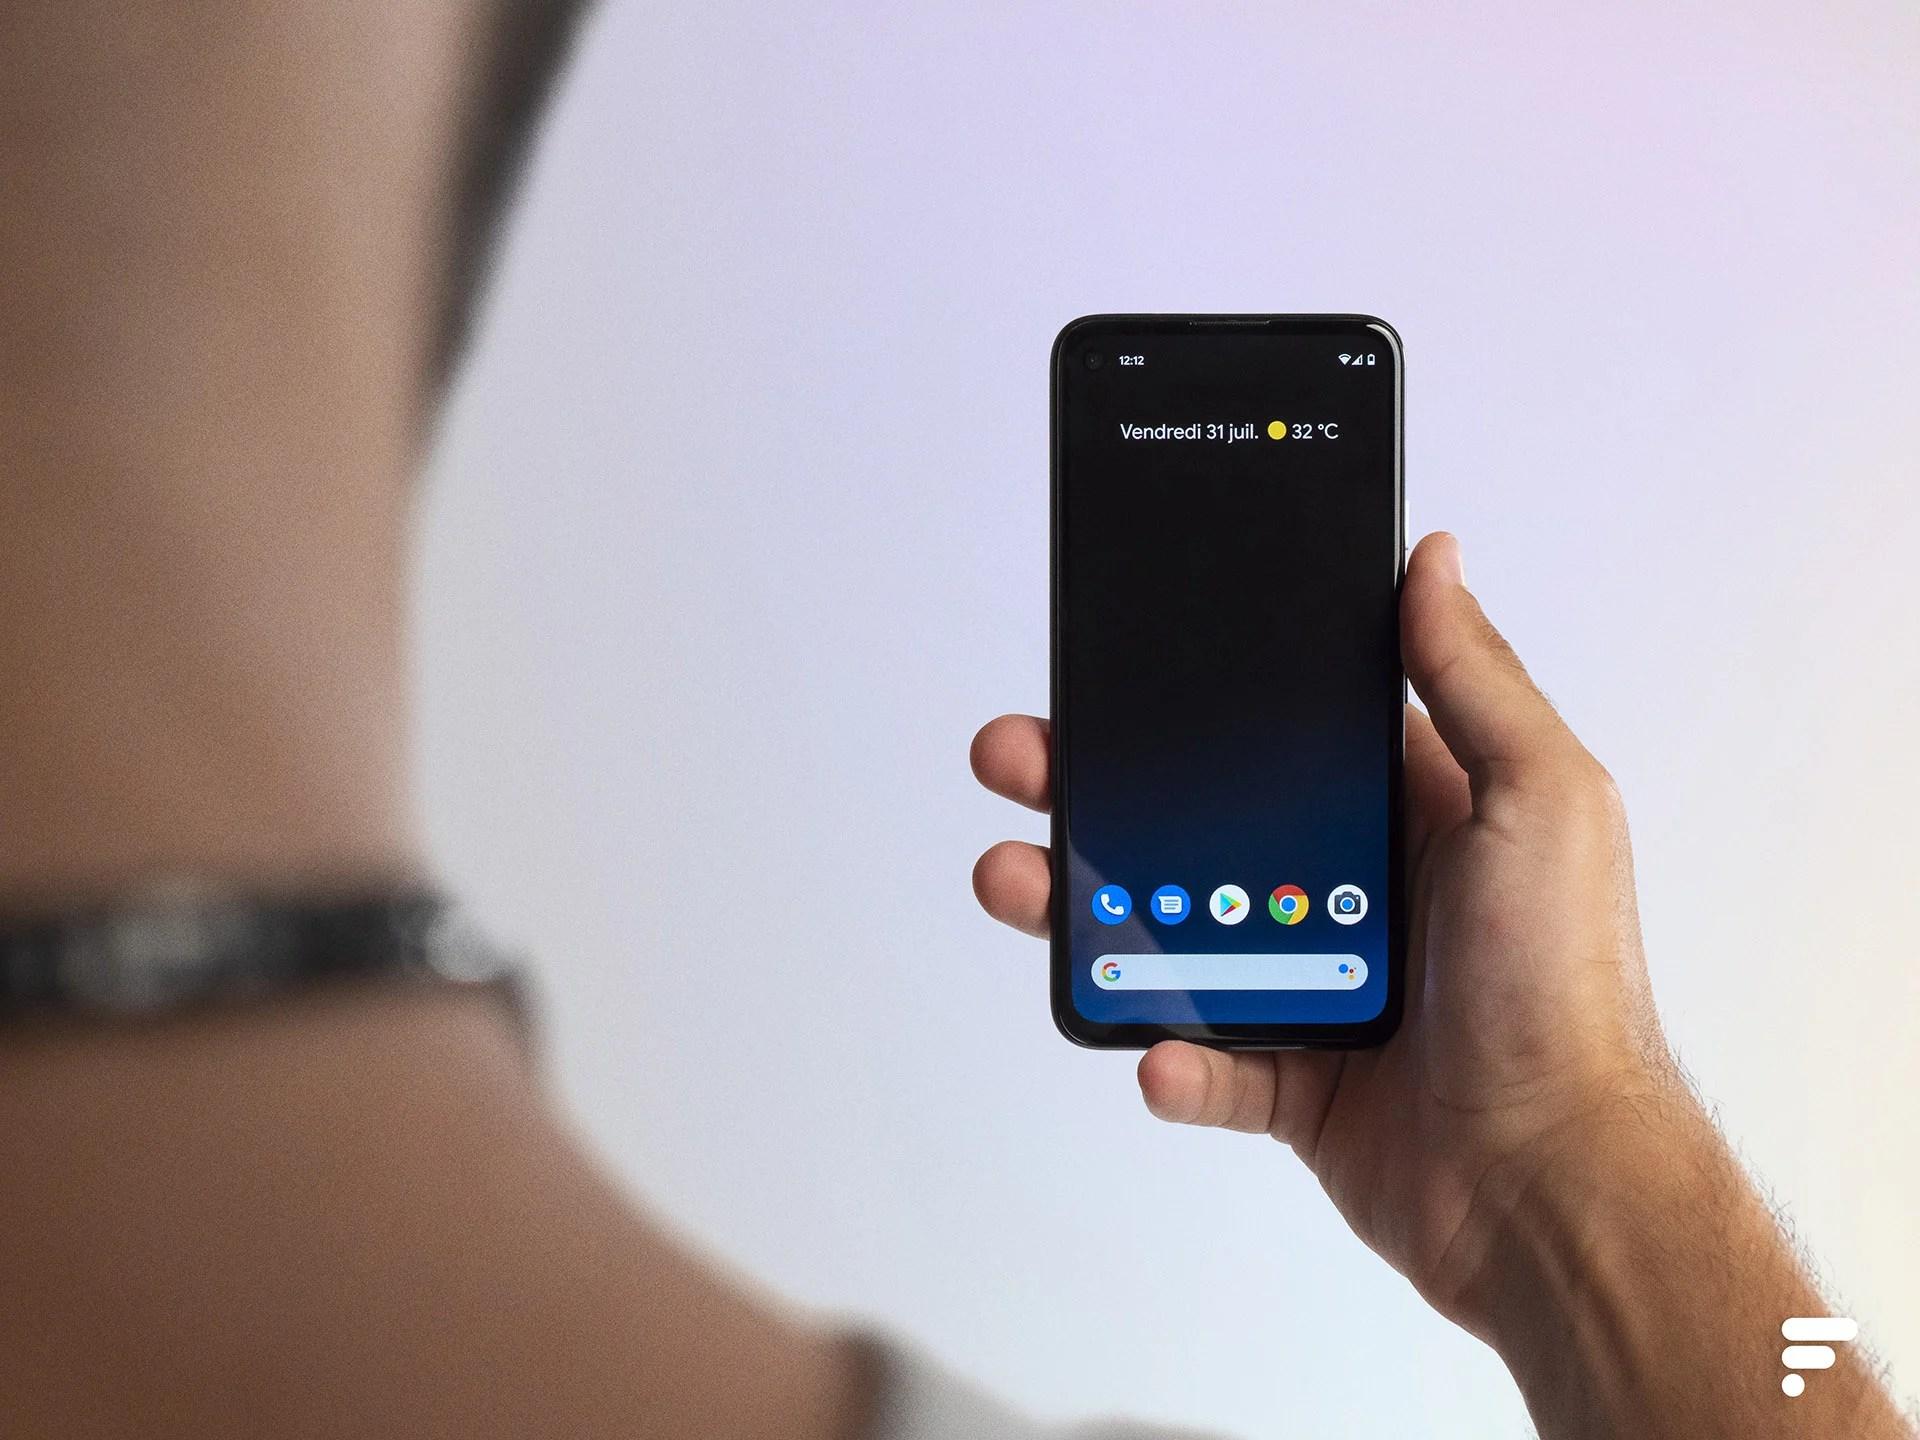 Android 11 a-t-il un impact positif sur la batterie? Voici nos observations